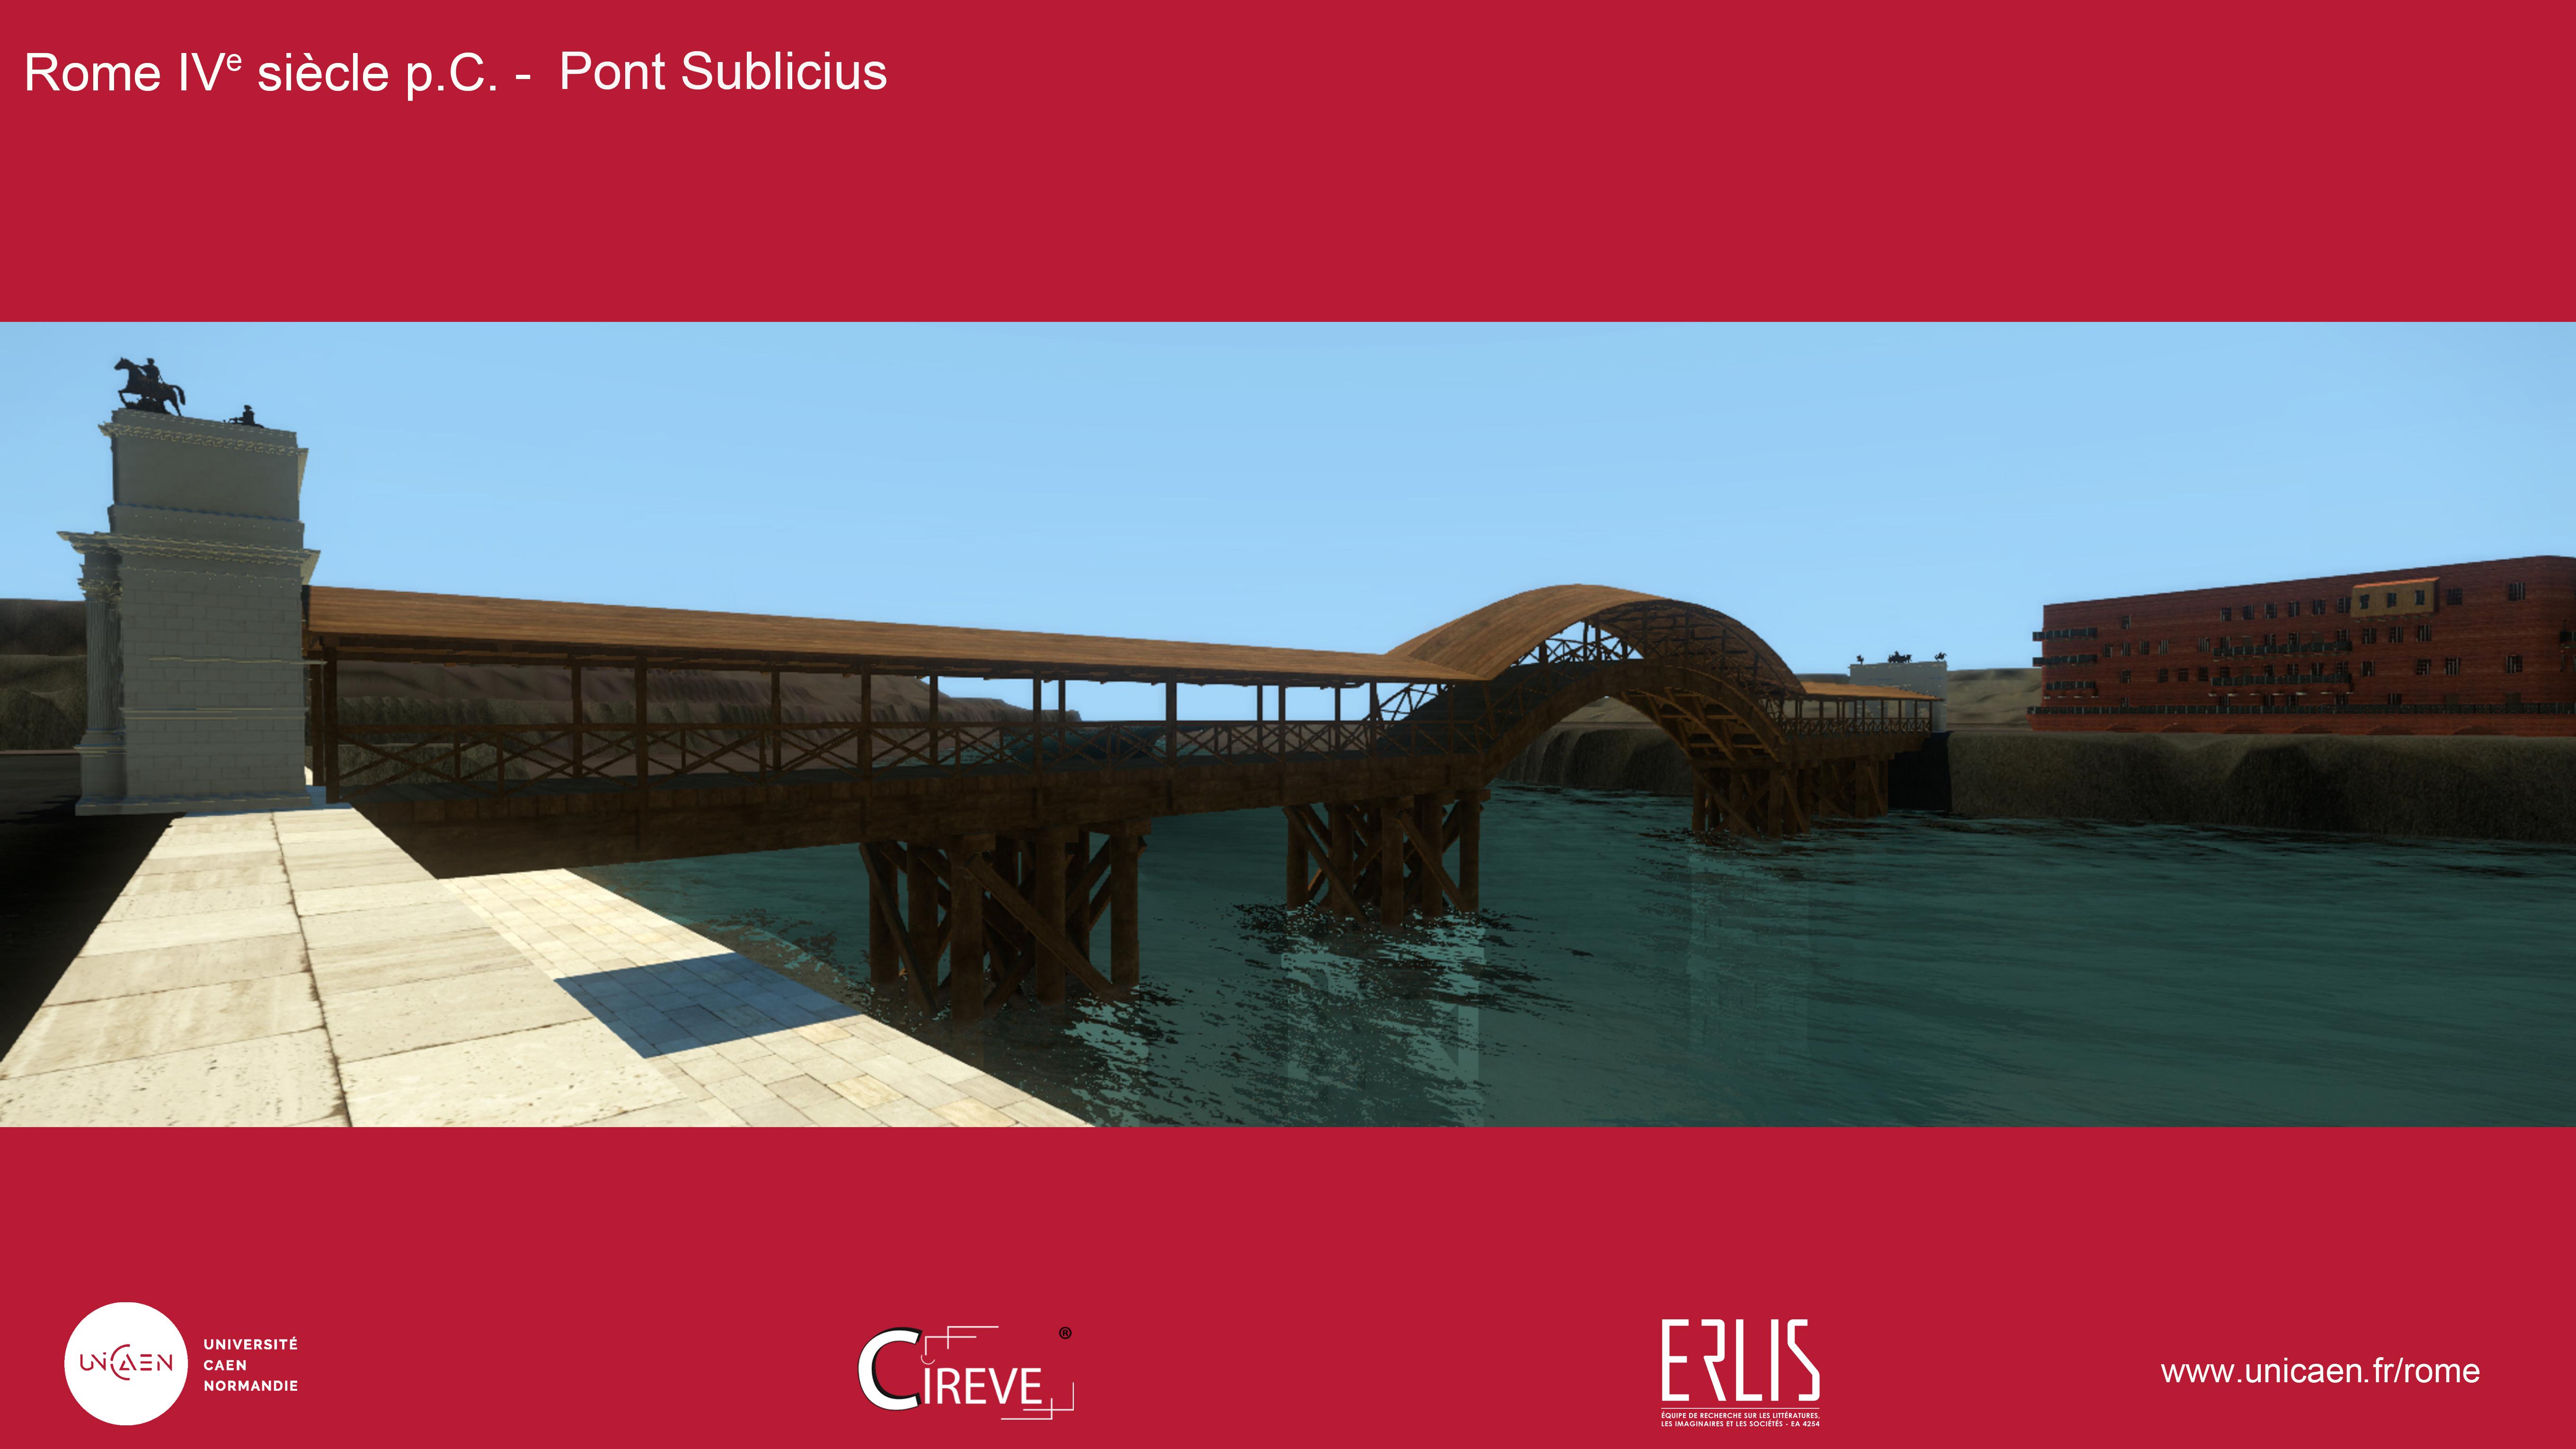 Pont Sublicius